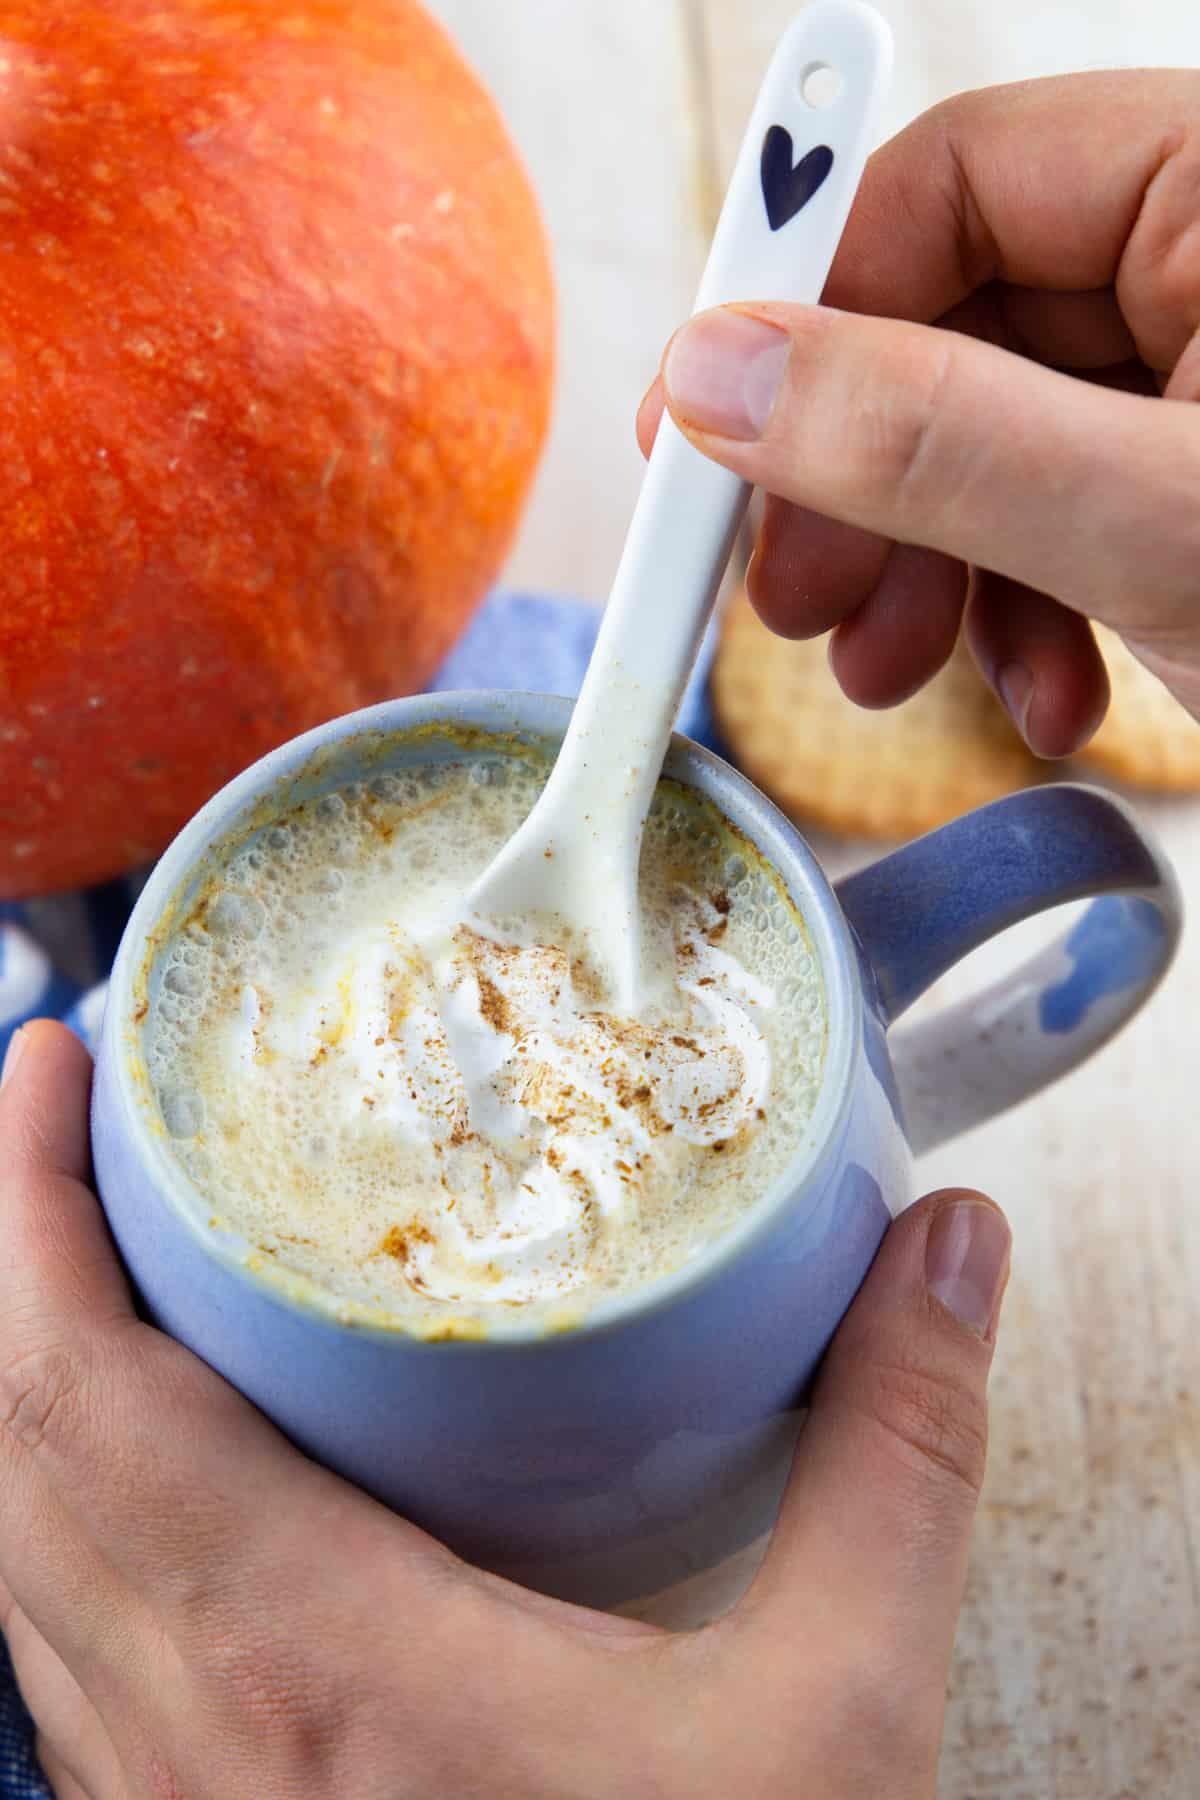 eine Hand hält eine Tasse mit Pumpkin Spice Latte und rührt mit einem Löffel um